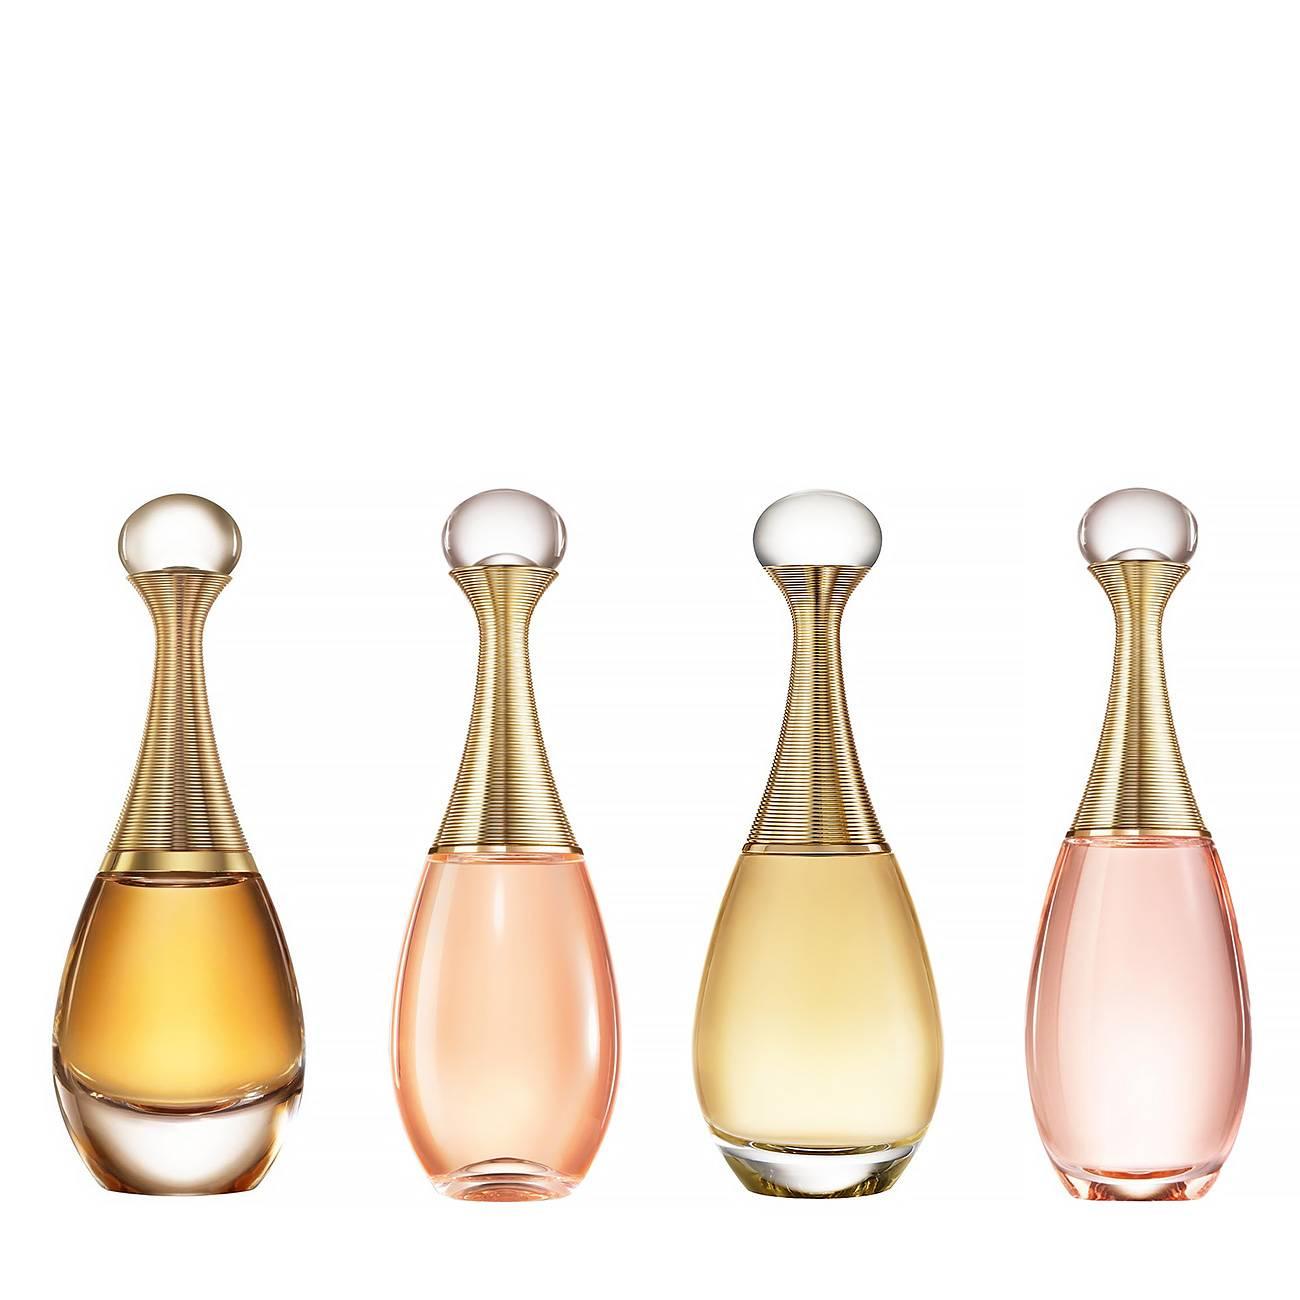 J'adore La Collection Coffret 20ml Dior imagine 2021 bestvalue.eu